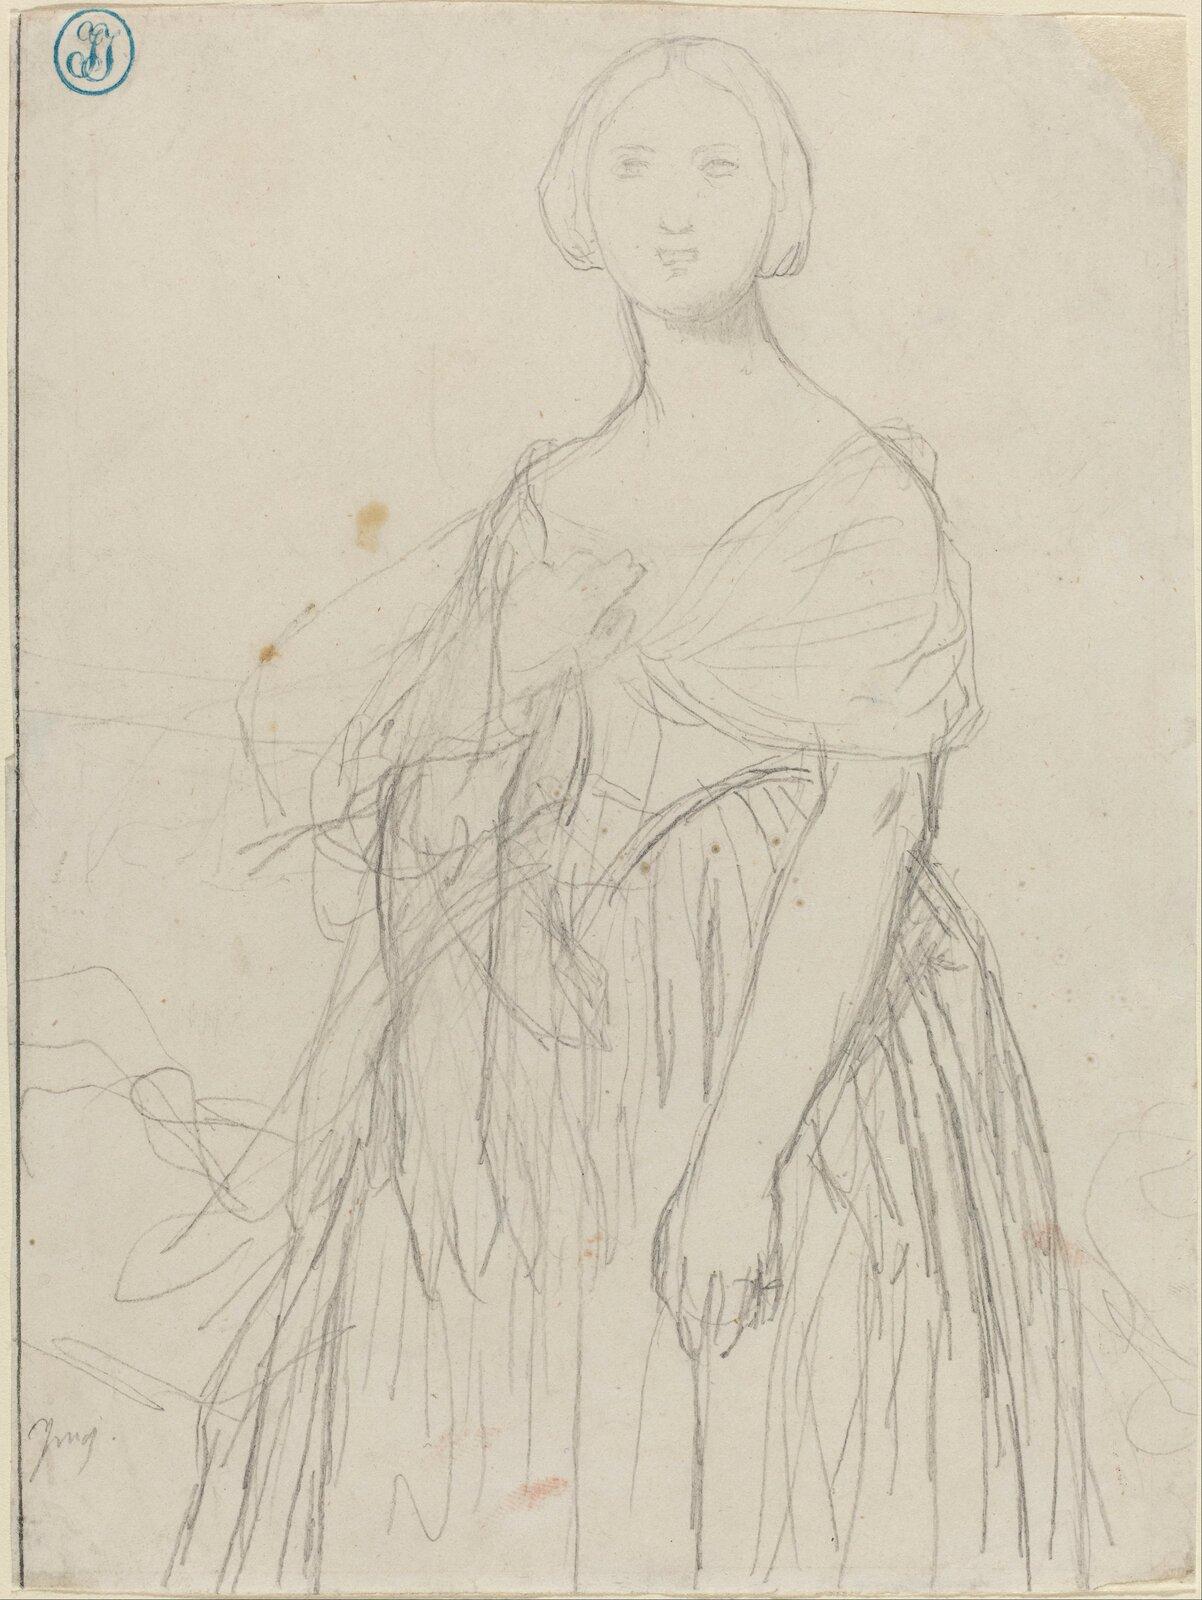 """Ilustracja przedstawia """"Portret Madame Moitessier"""" autorstwa Jeana-Augustea-Dominiquea Ingresa. Dzieło ukazuje rysunek ołówkiem na pożółkłym papierze. Artysta luźną kreską narysował damę wsukni zzarzuconym na ramionach szalem. Wgórnym-lewym rogu znajduje się niebieska pieczęć zzinicjałami Ingresa. Rysunek skomponowany jest statycznie, postać kobiety znajduje się wjego centrum."""